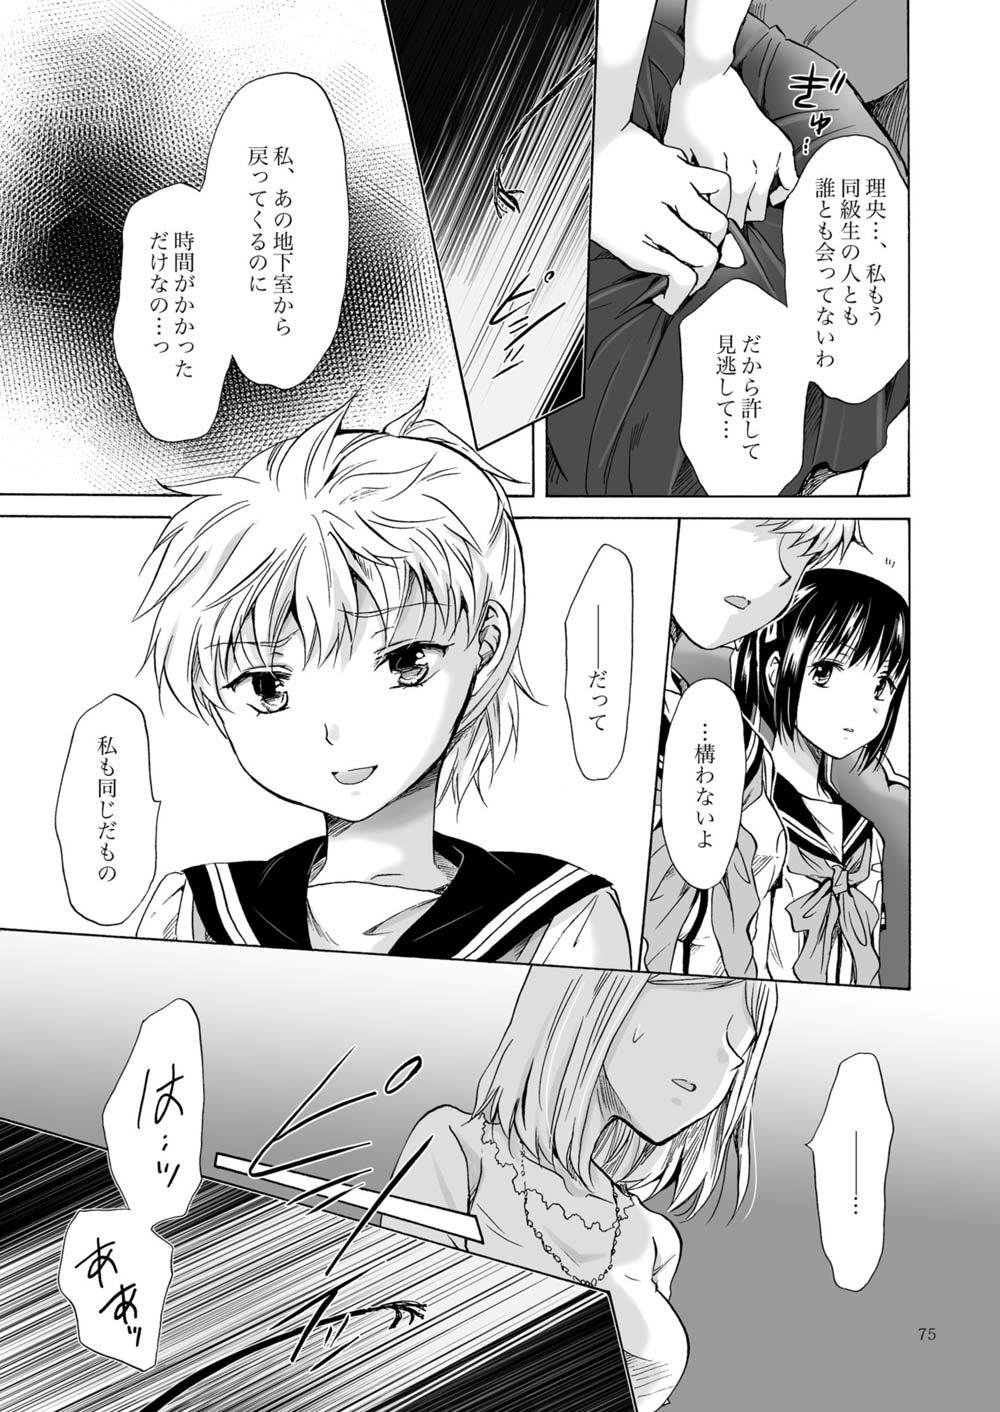 【エロ漫画・エロ同人誌】大好きな先輩が手に入らないからSに目覚めたちっぱい女子校生www (74)